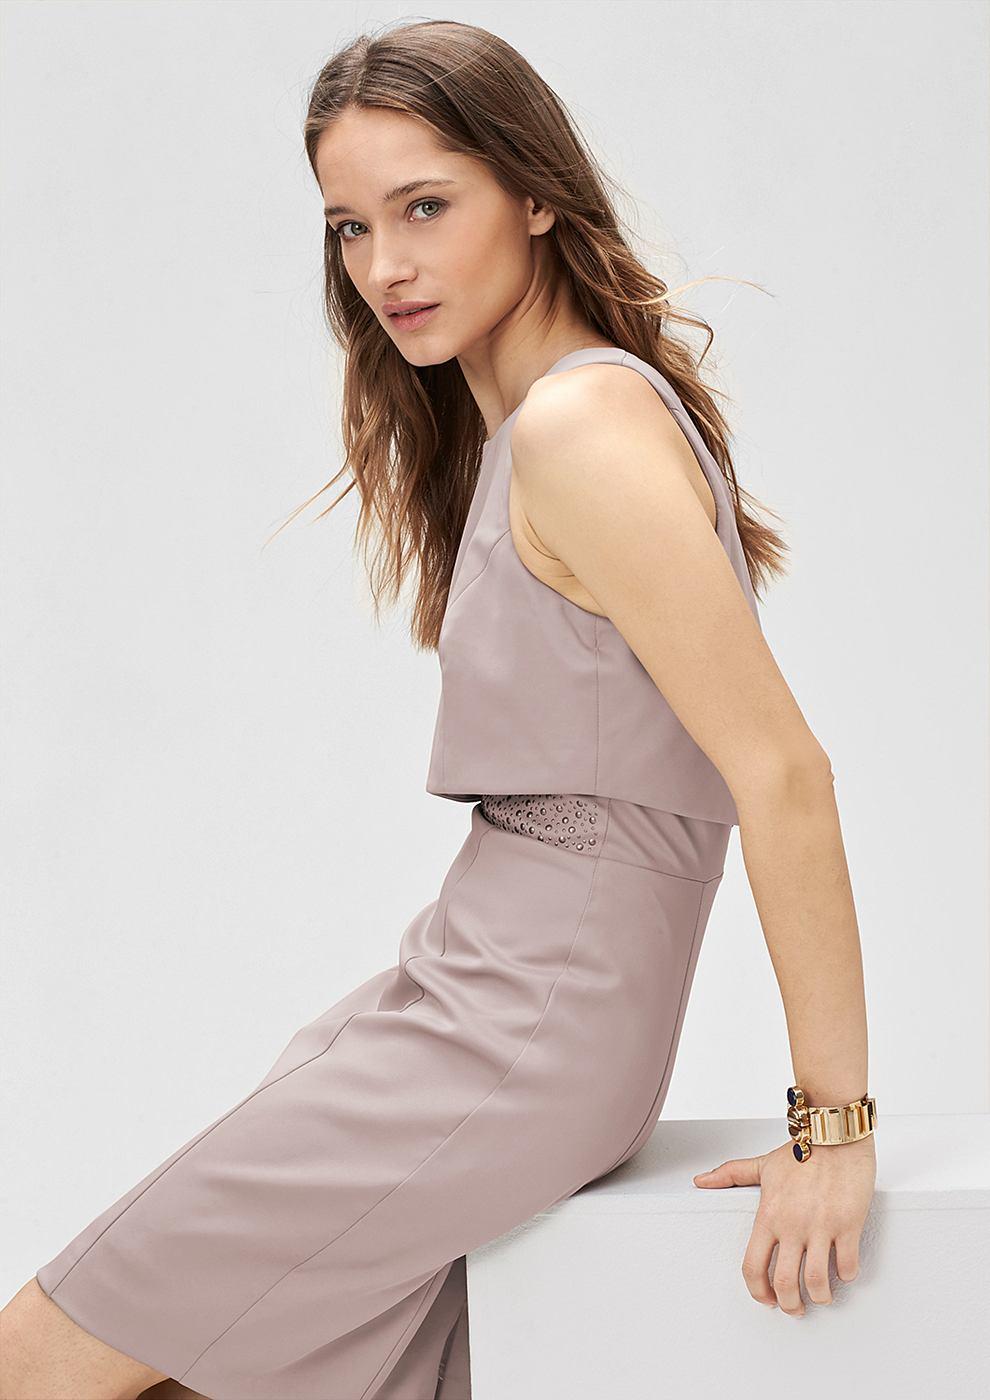 s.Oliver Premium satijnen jurk met een laagjeslook bruin